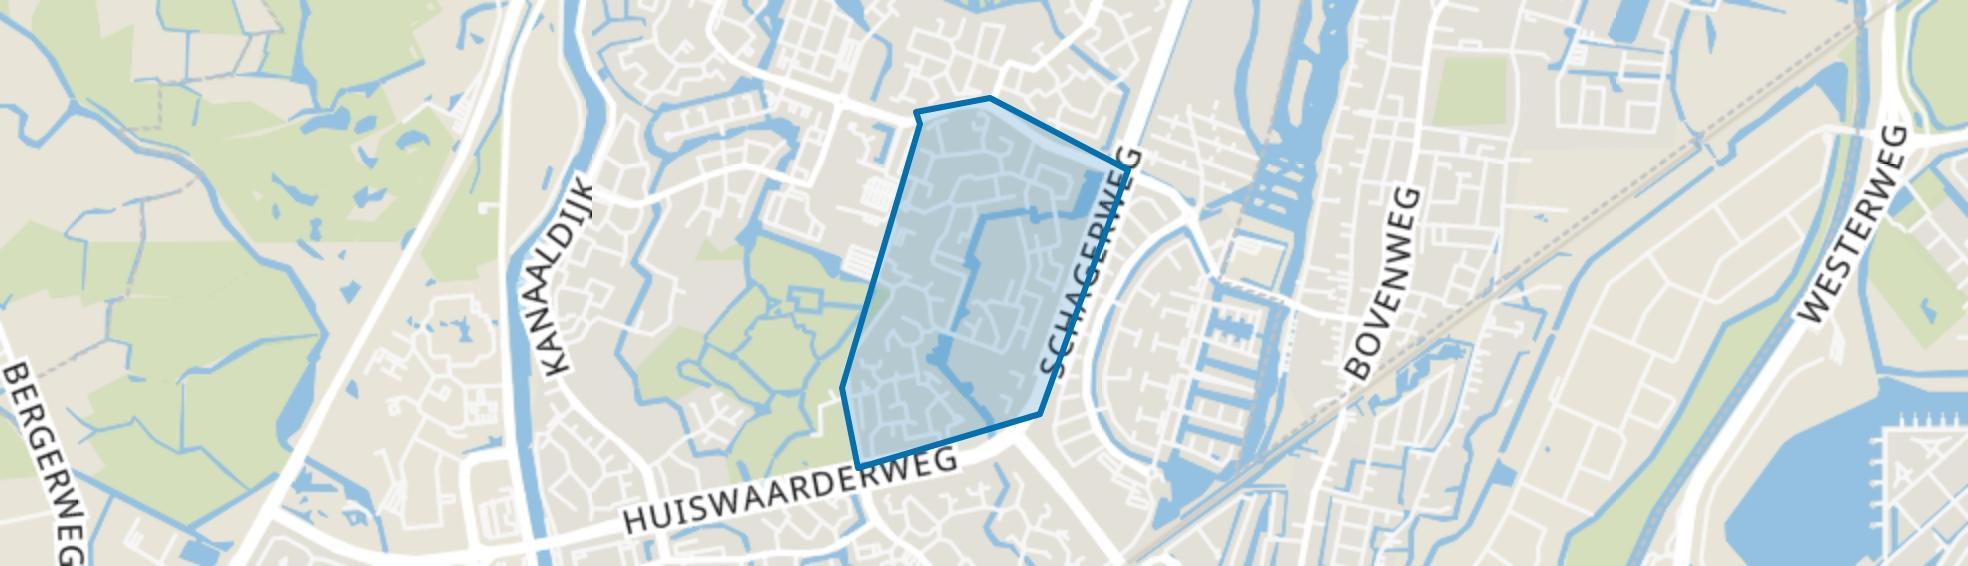 De Horn-Zuid, Alkmaar map